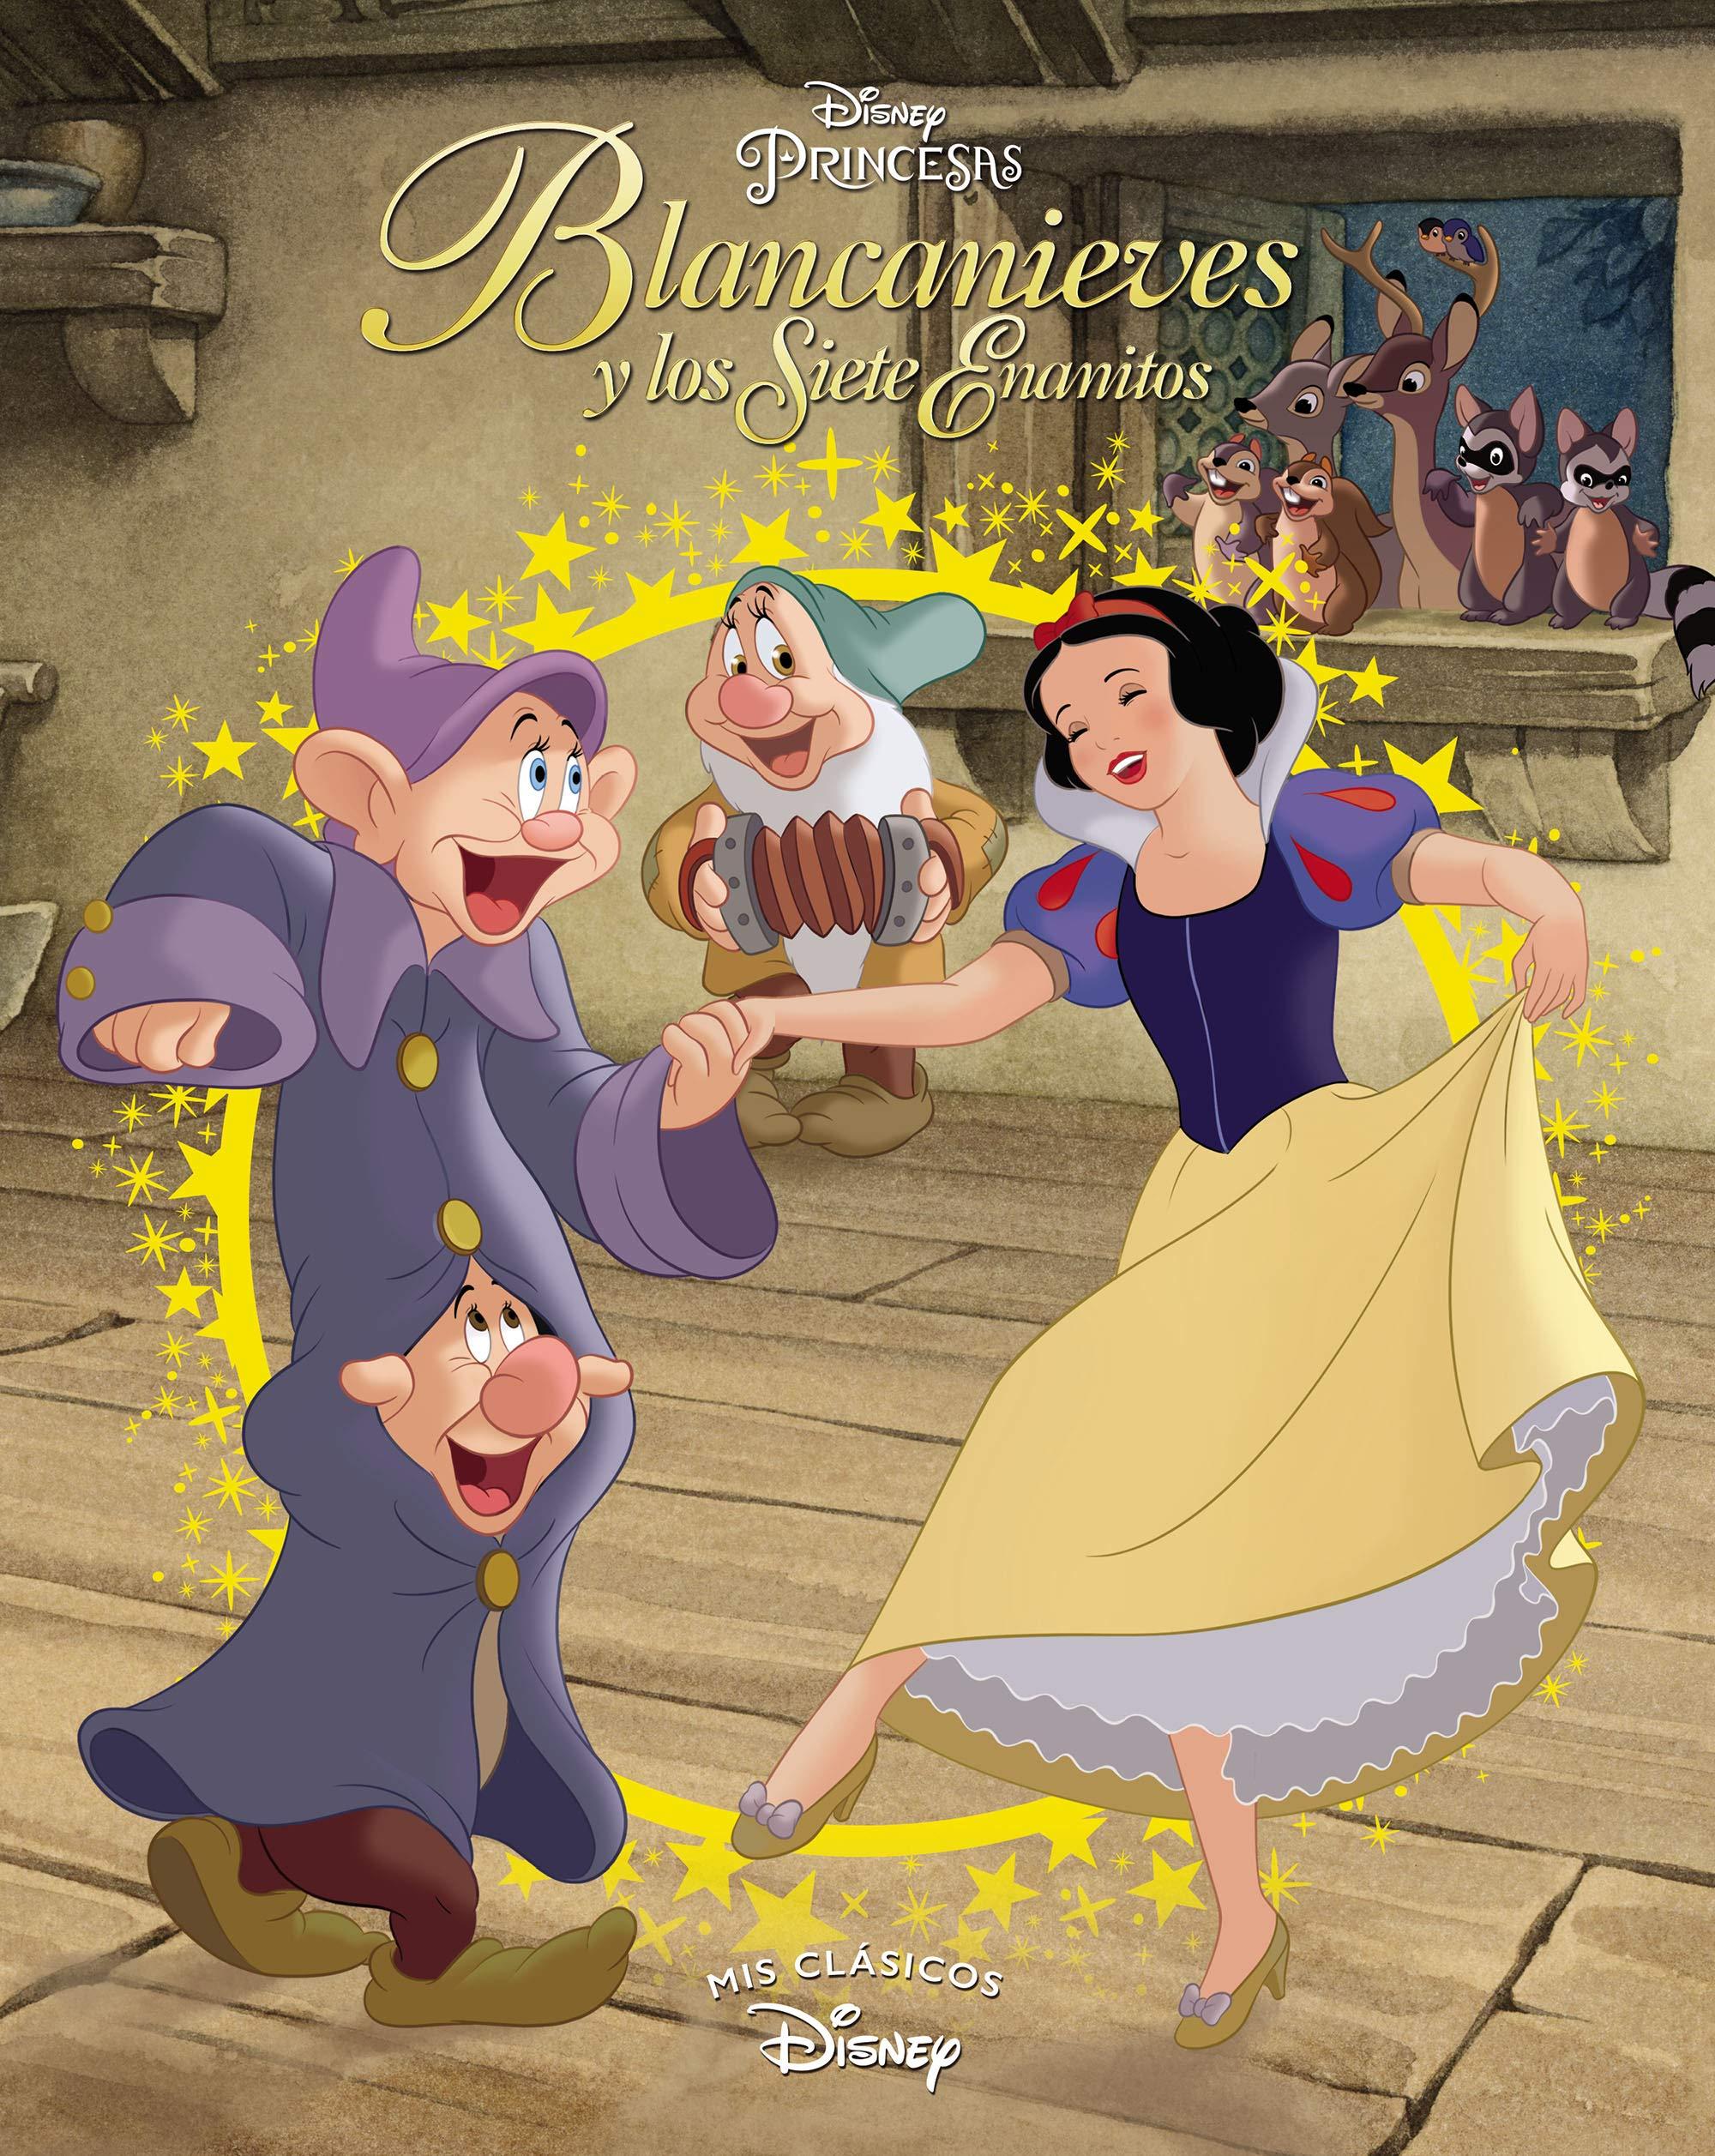 Blancanieves Y Los Siete Enanitos Mis Clásicos Disney Spanish Edition 9788416548620 Disney Adosaguas Sayalero Slu Books